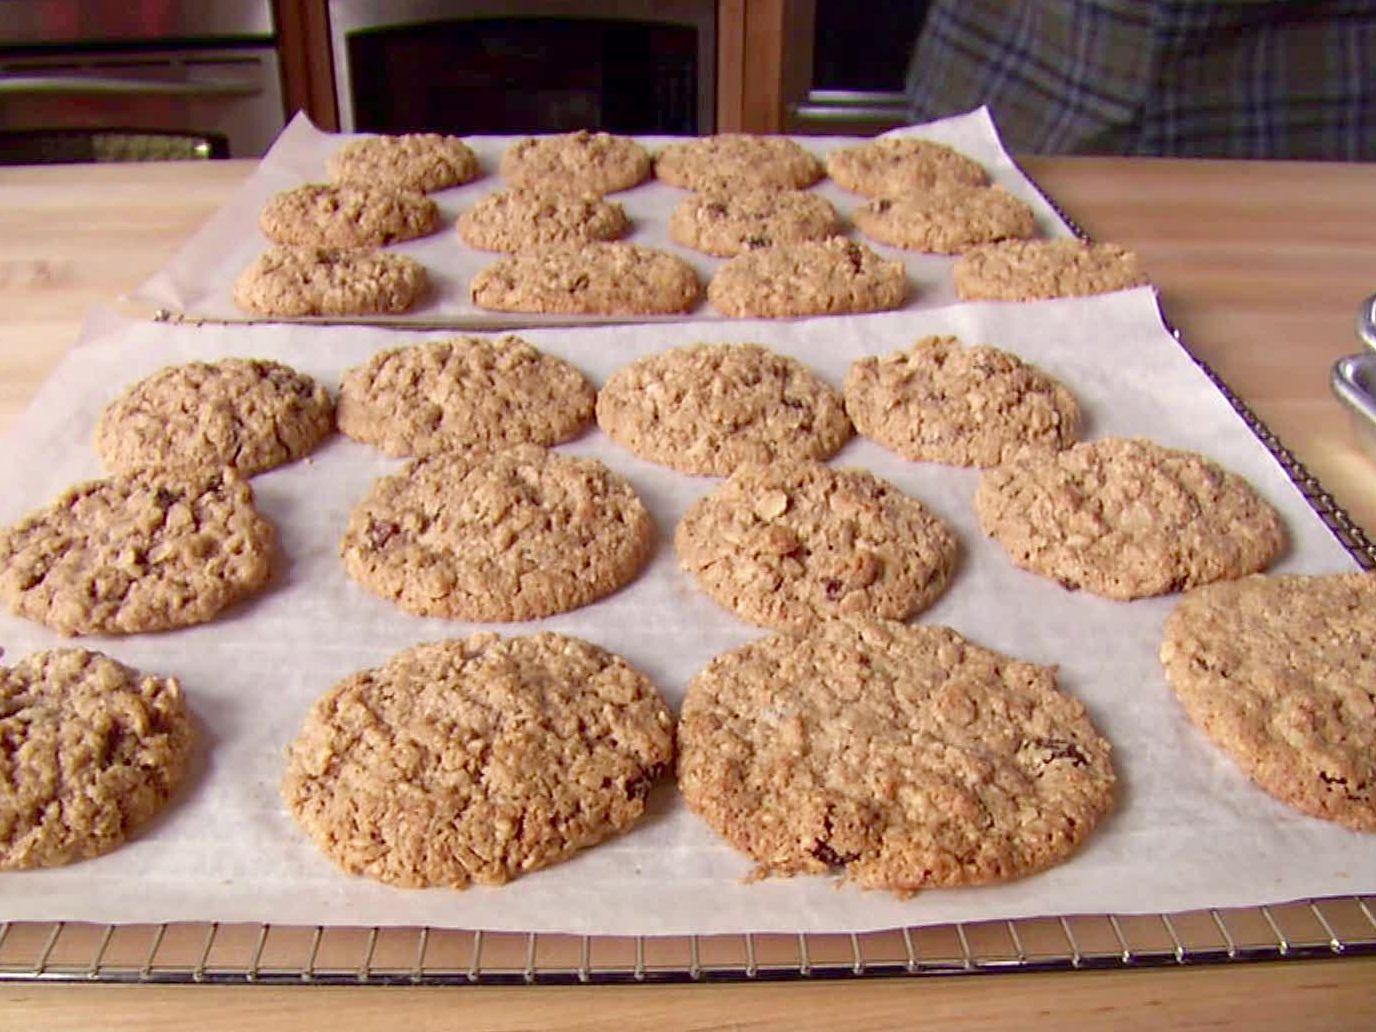 The oatiest oatmeal cookies ever receta comida y recetas forumfinder Images